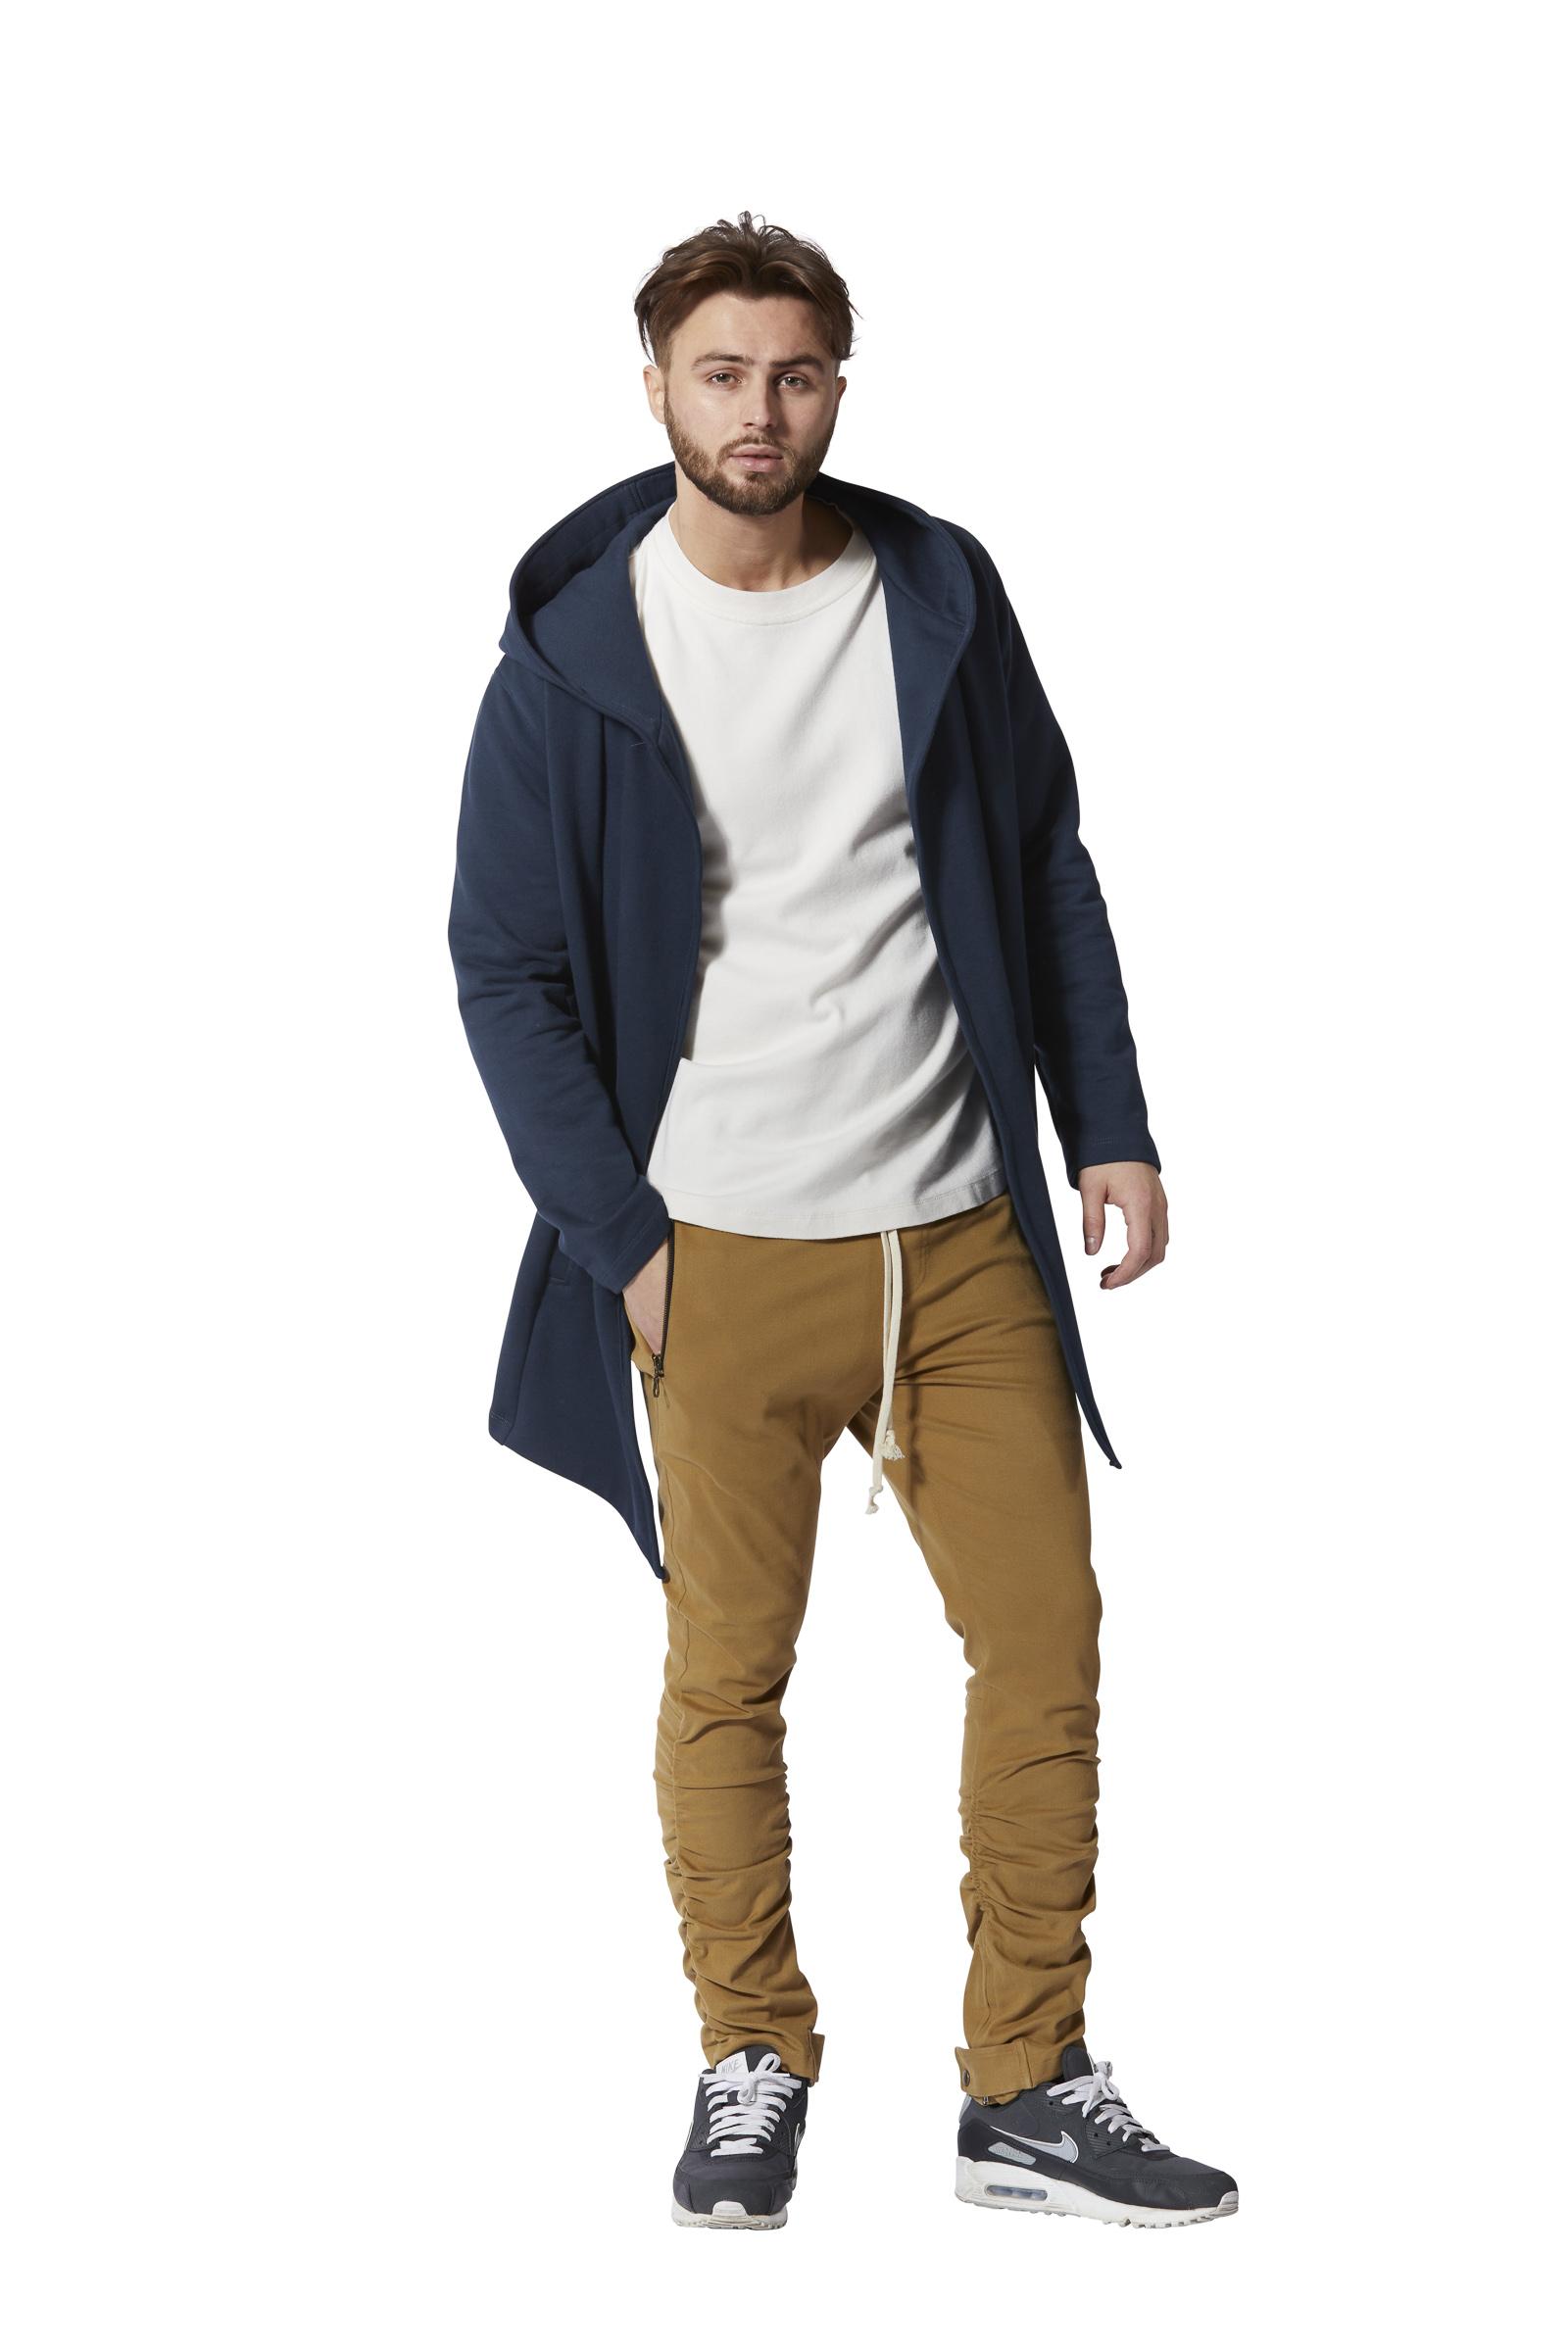 photographe-ecommerce-mode-fashion-11